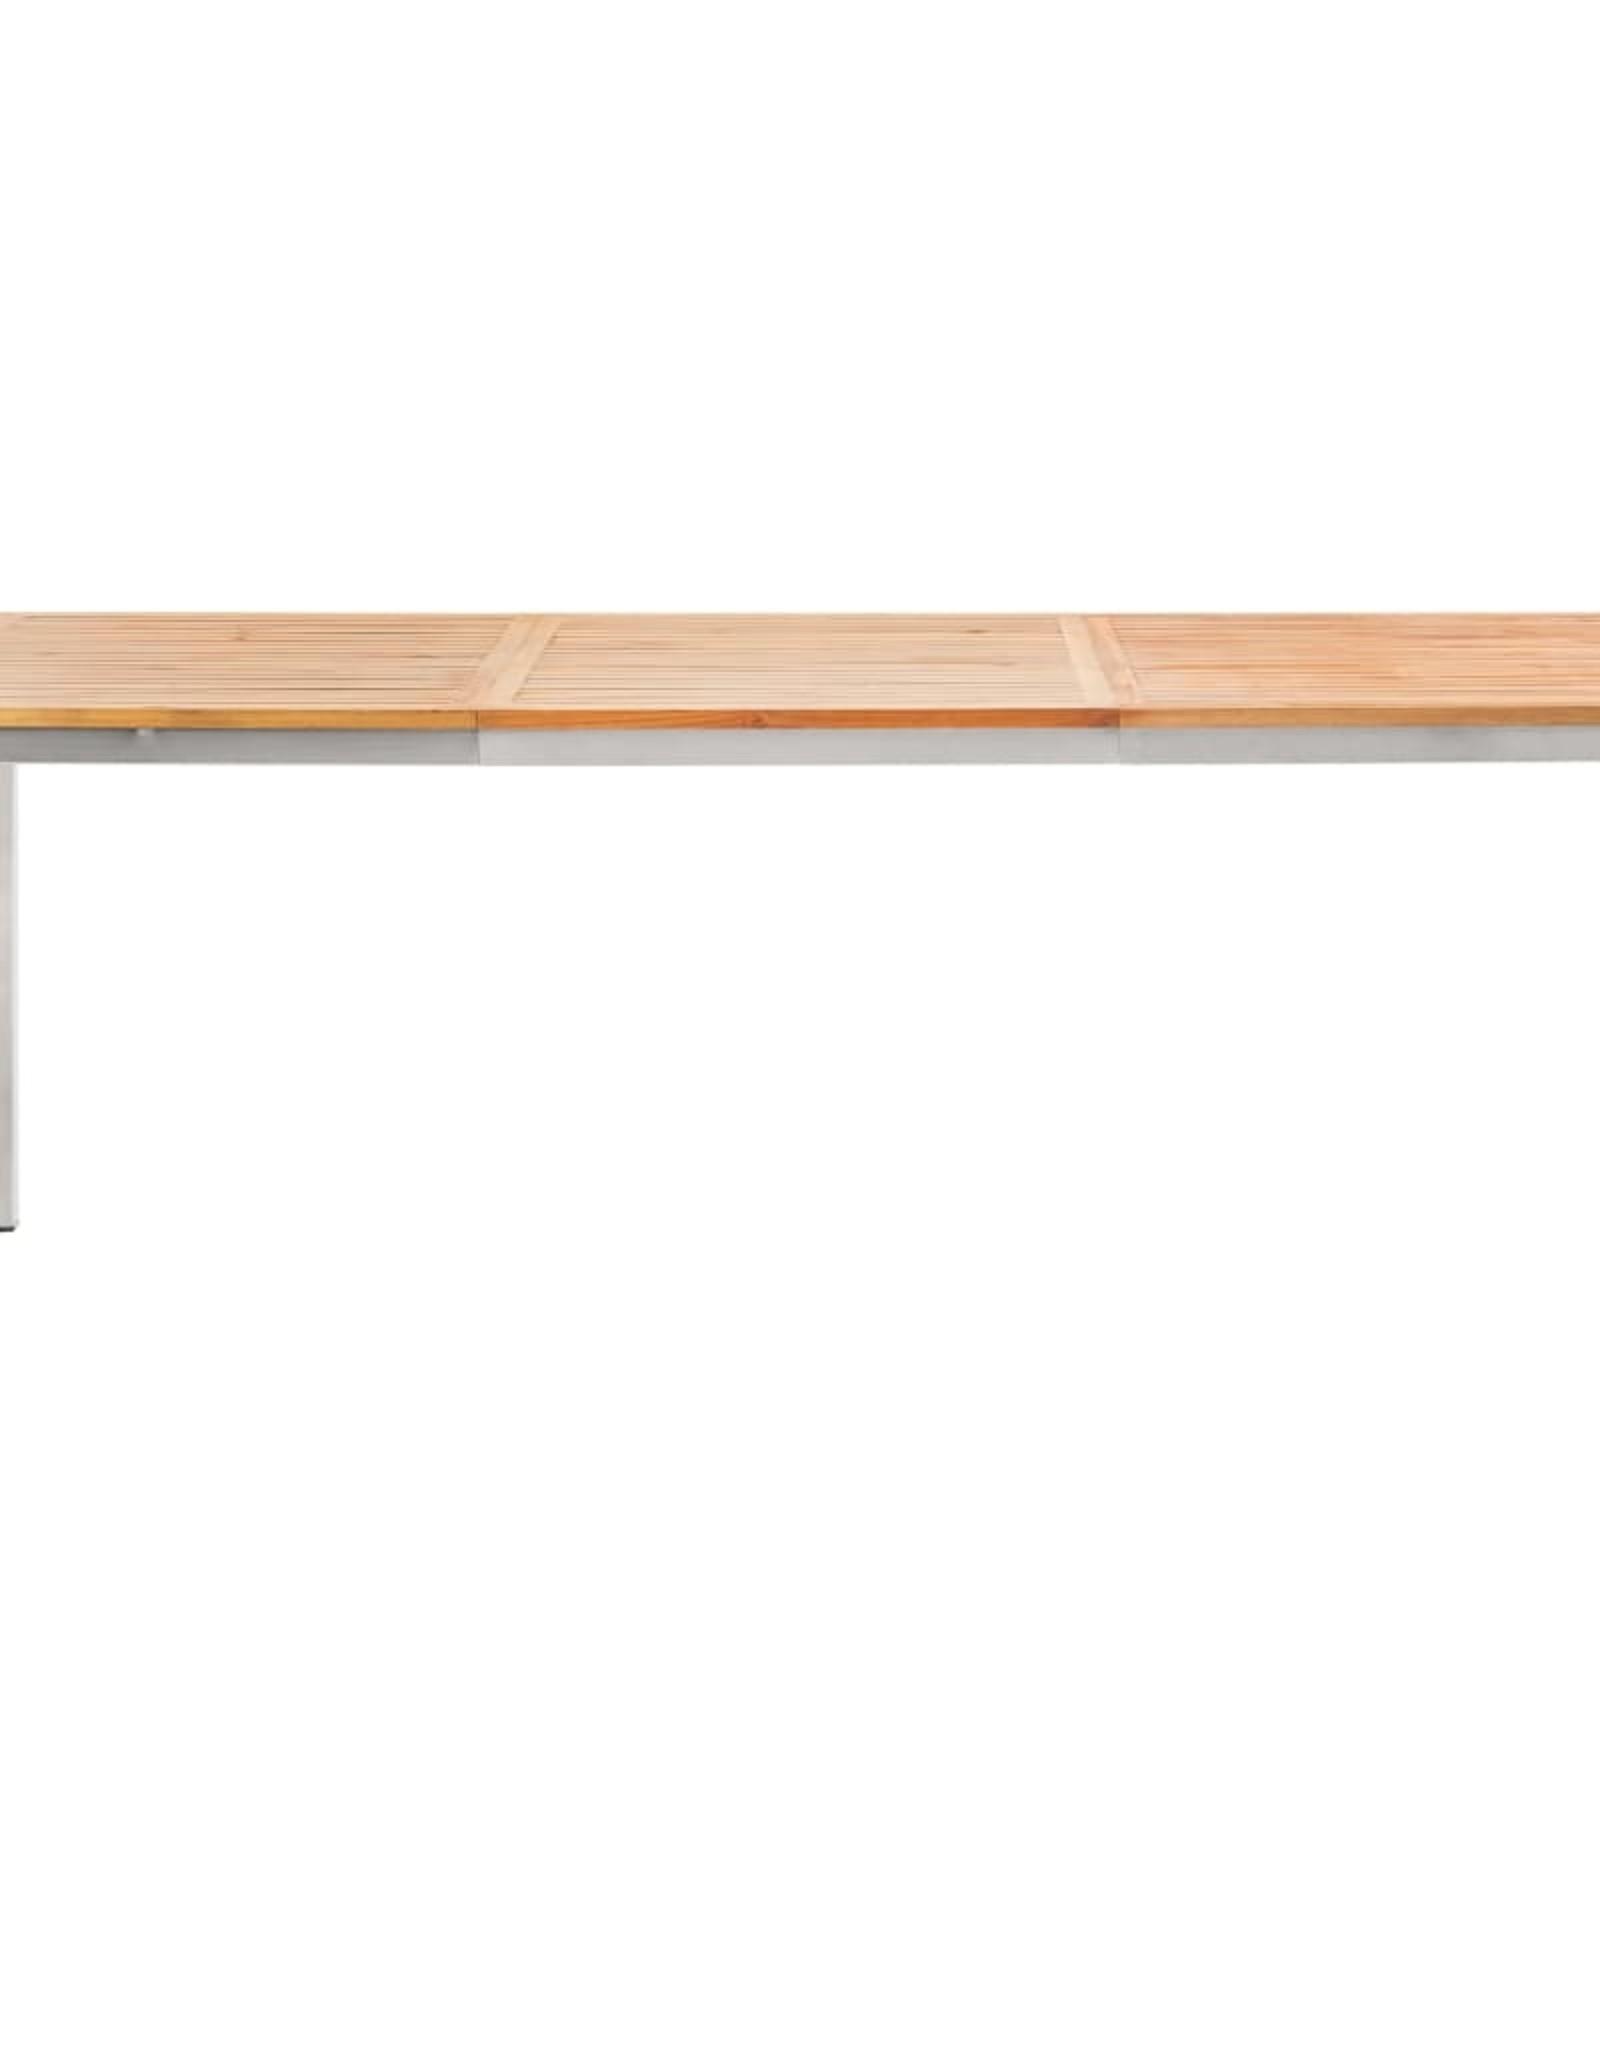 vidaXL 7-delige Tuinset massief teakhout en roestvrij staal